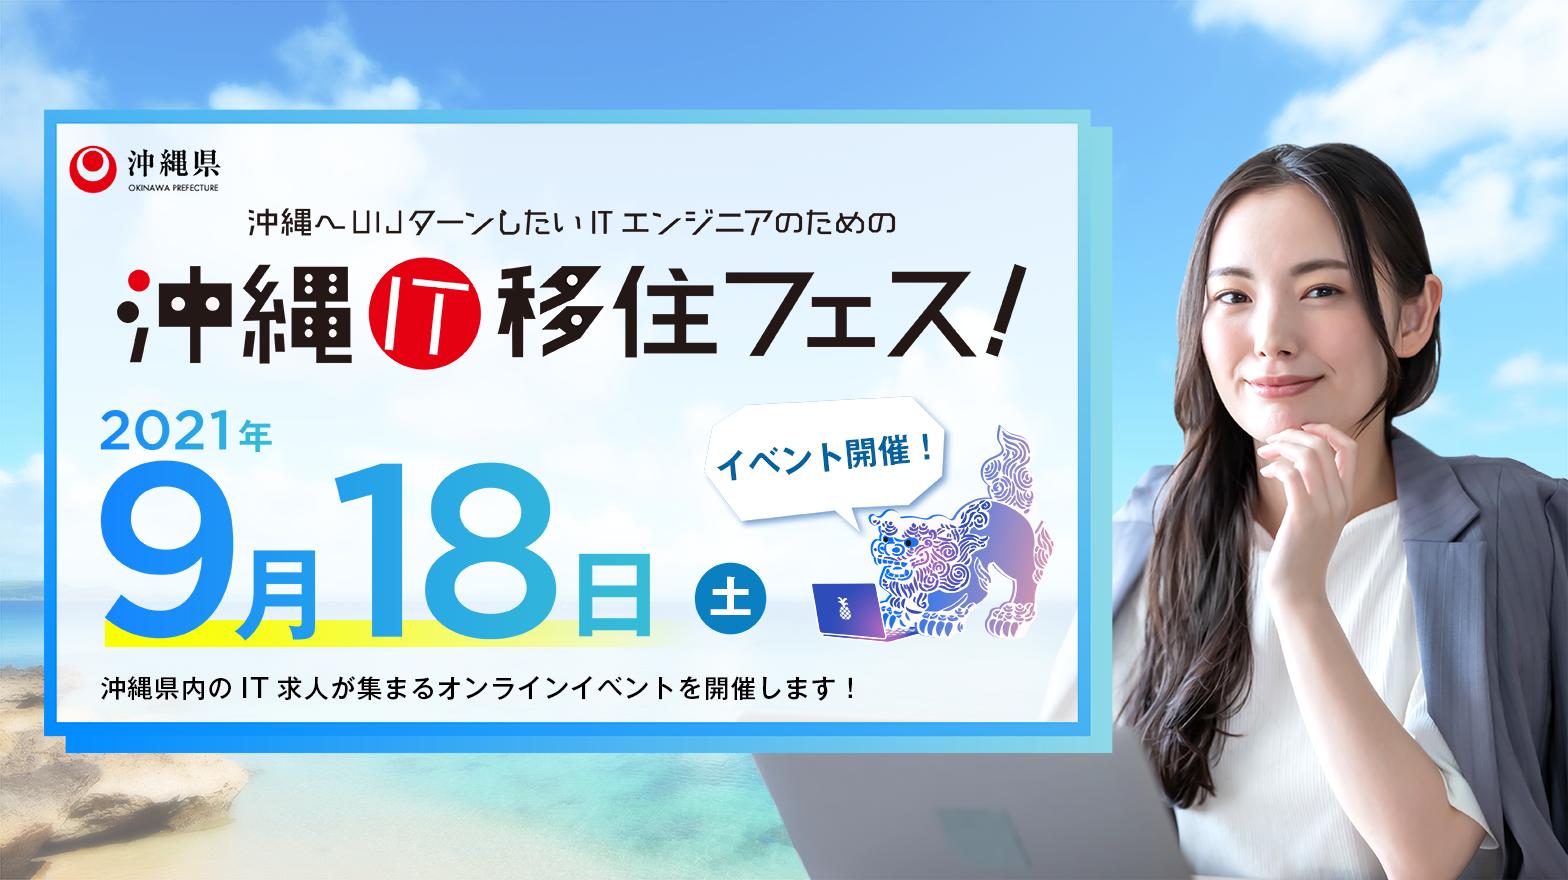 沖縄IT移住フェス!バナー